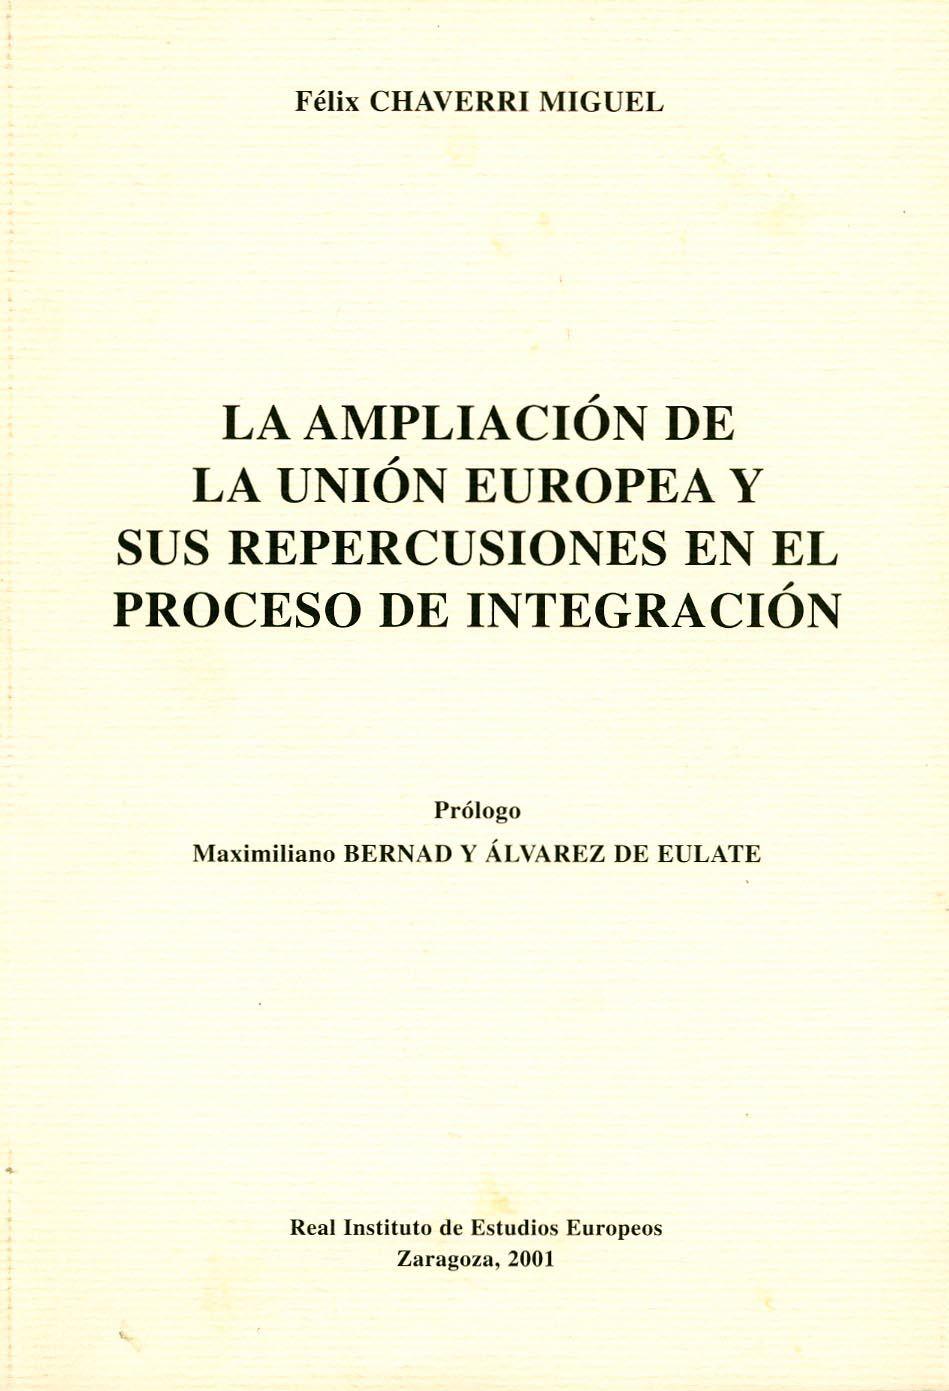 La Ampliación De La Unión Europea Y Sus Repercusiones En El Proceso De Integración Félix Chaverri Miguel Prólogo Maximiliano B Felix Prologo Union Europea